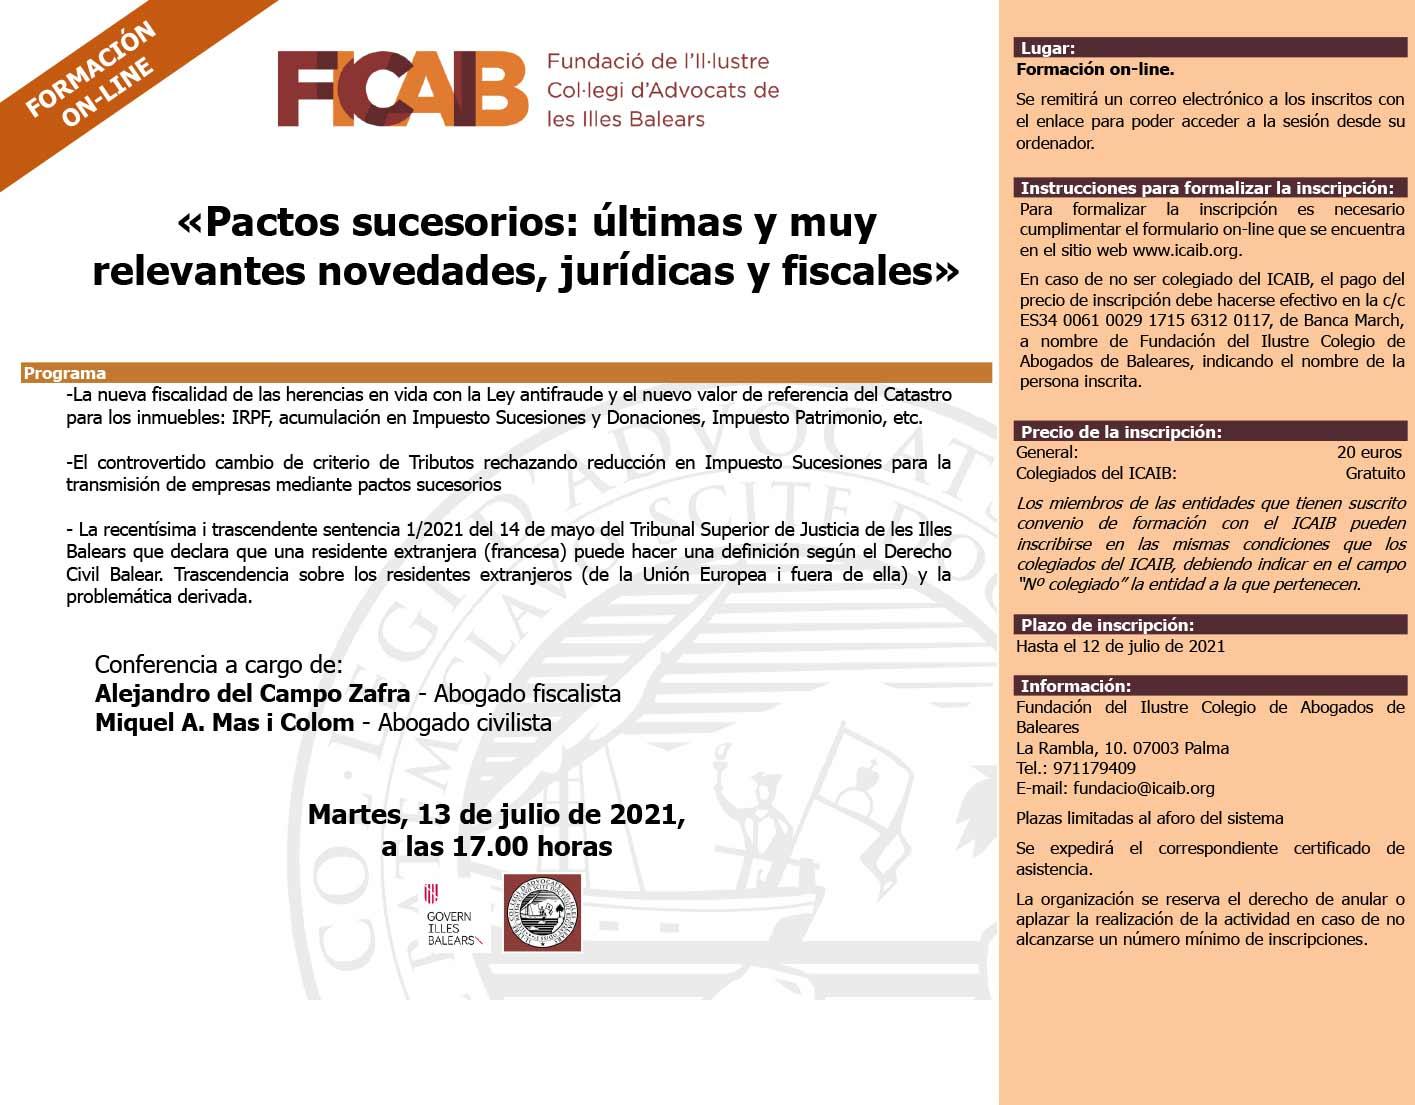 Conferencia de Miquel A. Mas y Alejandro del Campo en ICAIB: «Pactos sucesorios: Últimas y muy relevantes novedades jurídicas y fiscales»